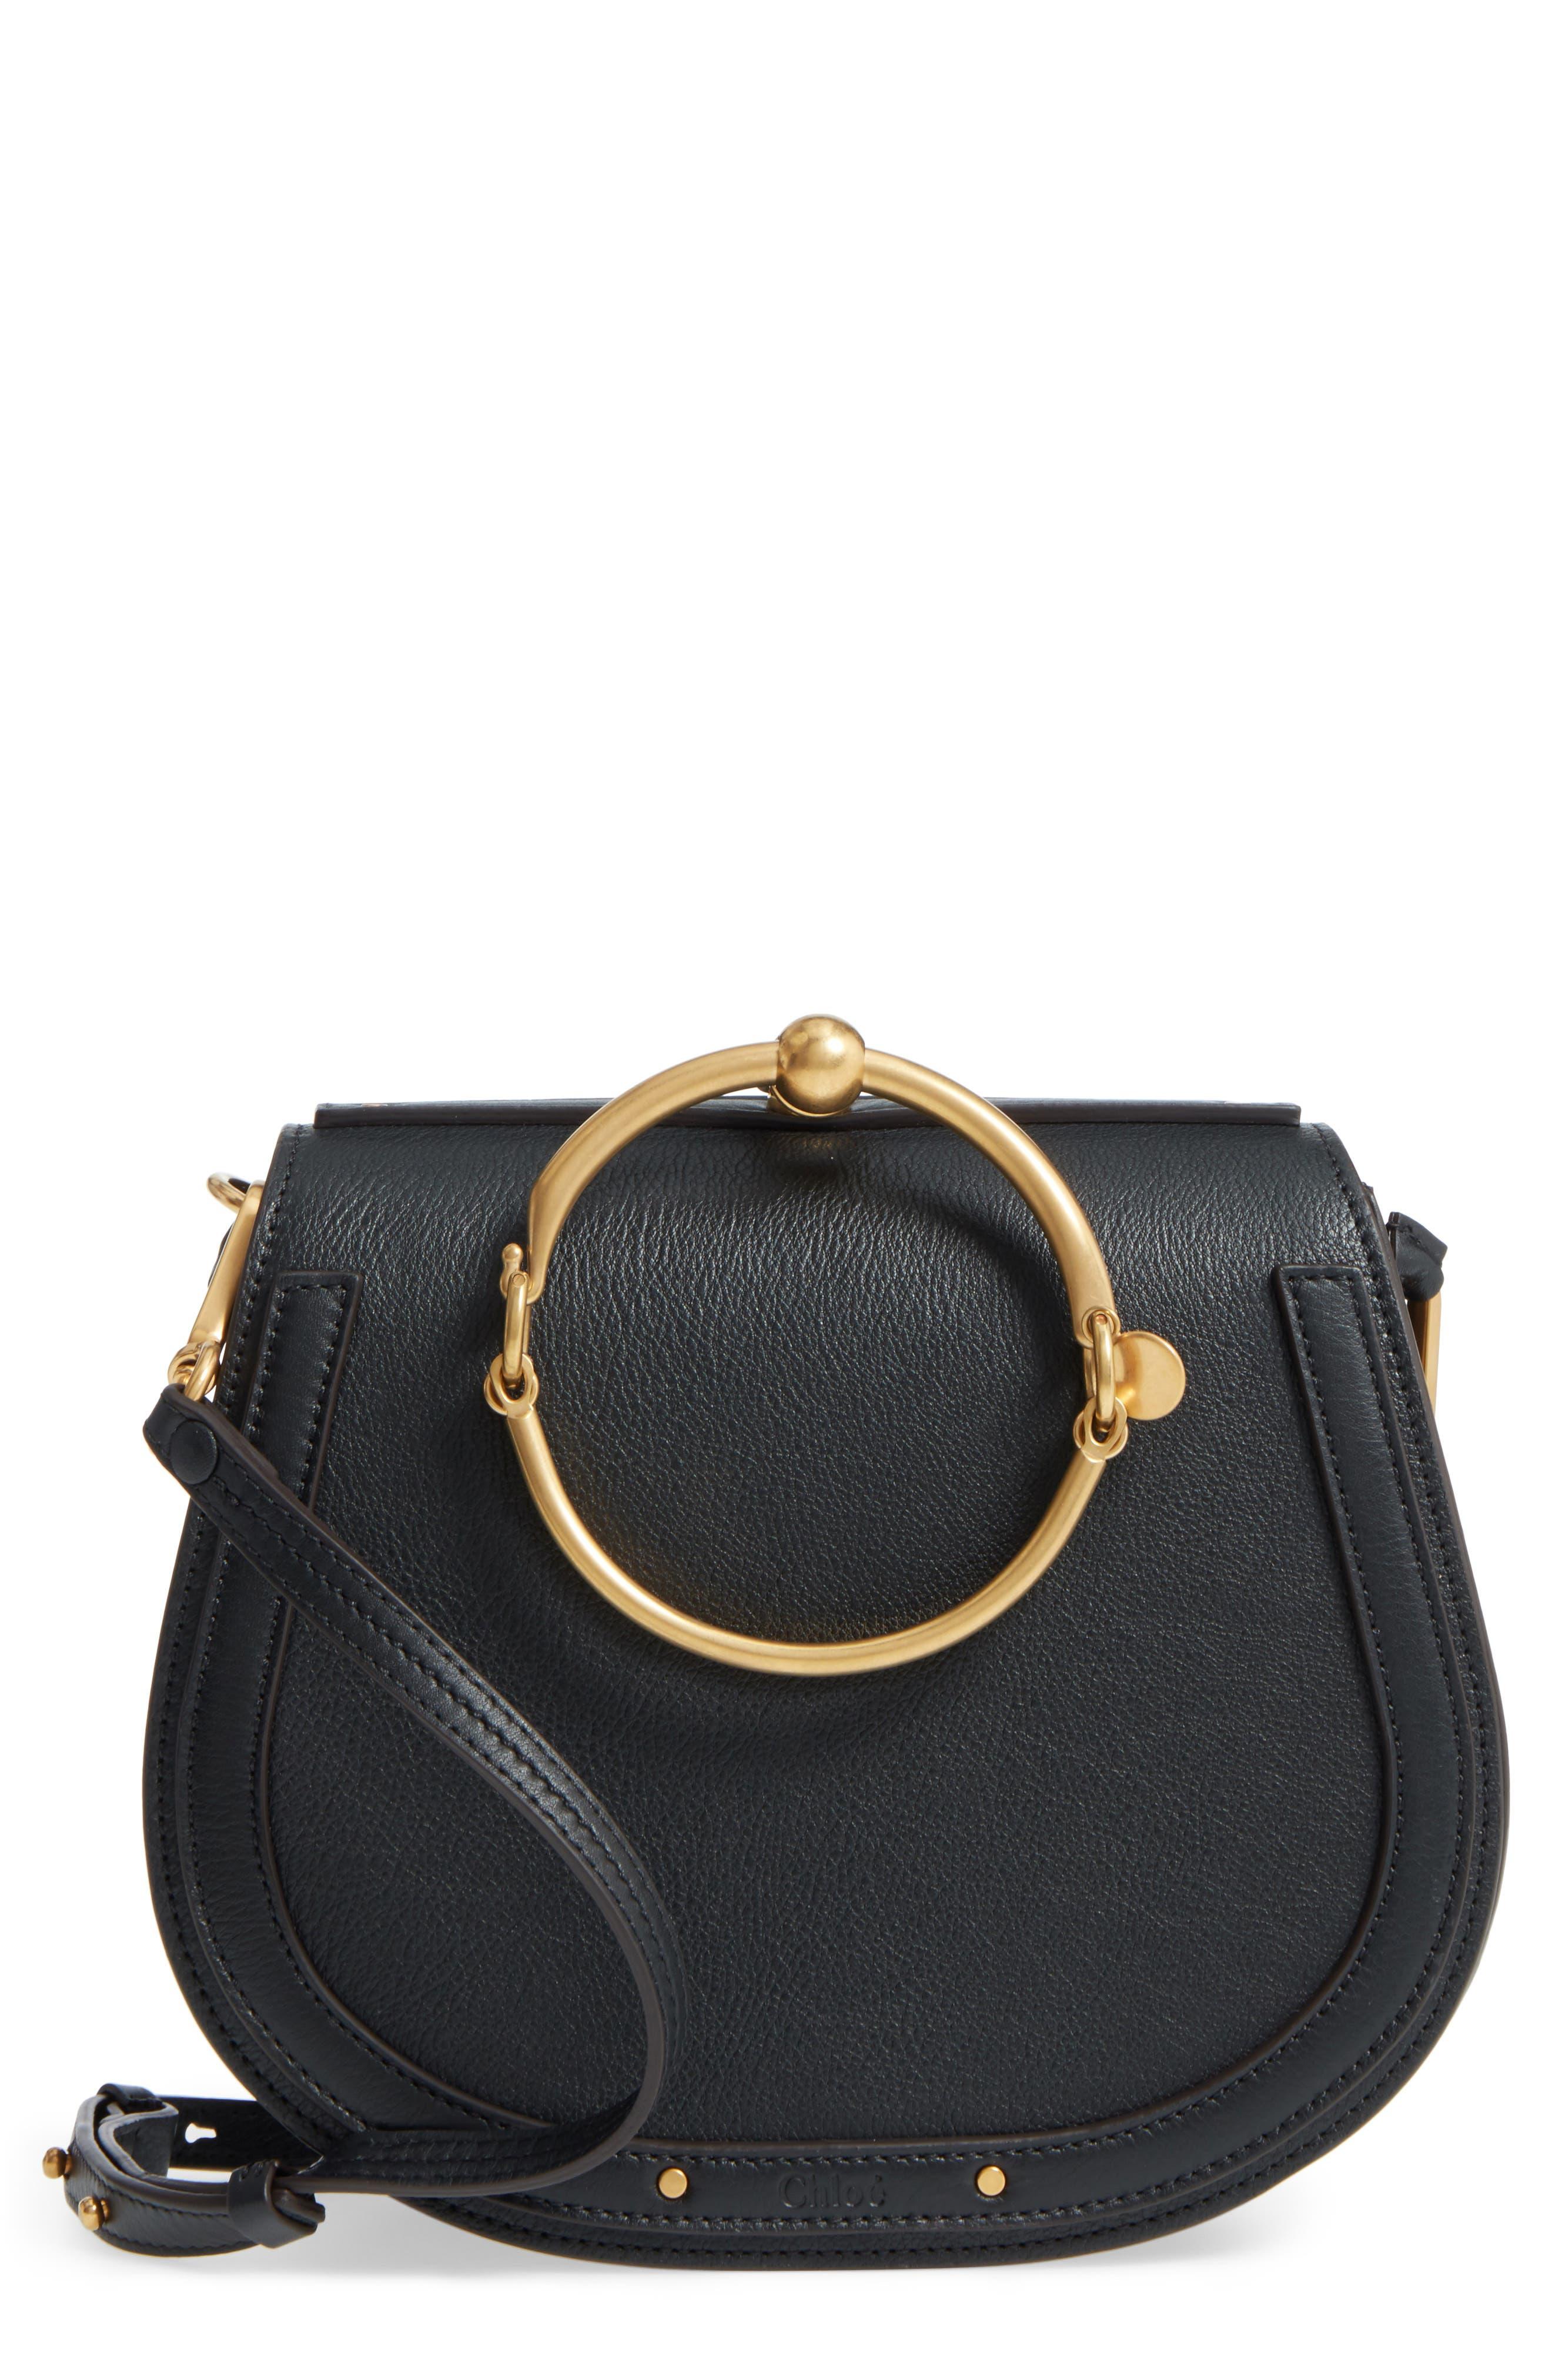 Main Image - Chloé Medium Nile Leather Bracelet Saddle Bag